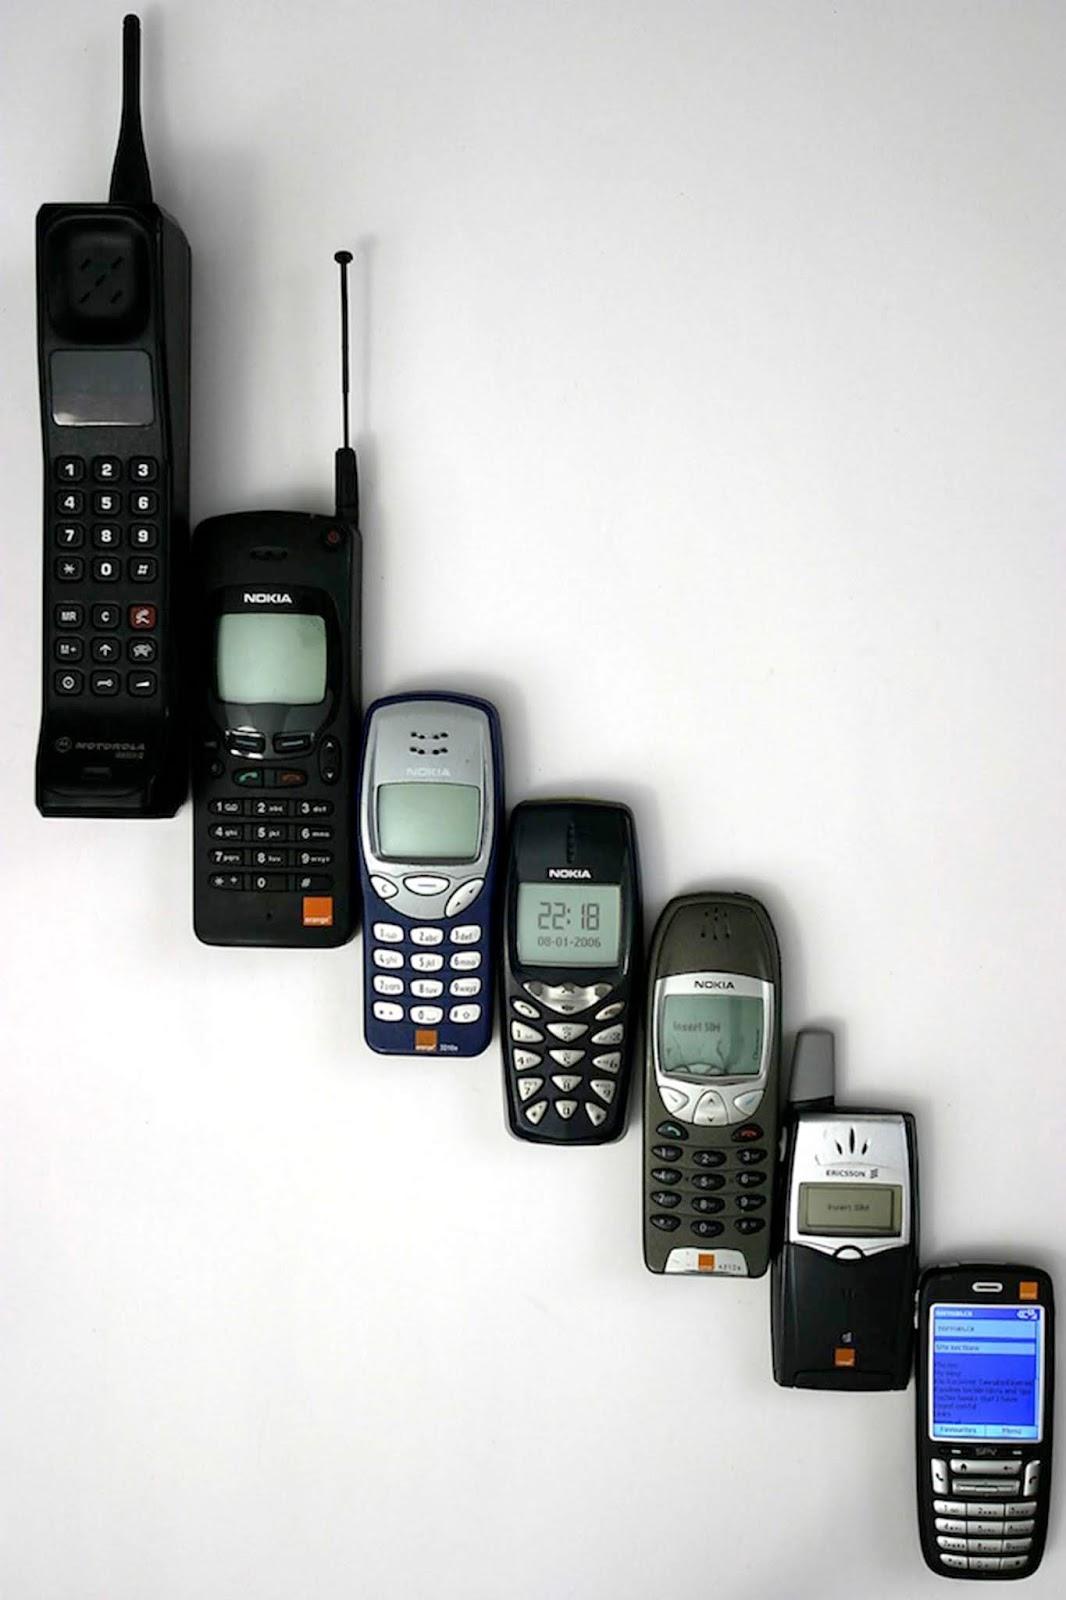 A evolução dos telefones móveis. 1990-2000.